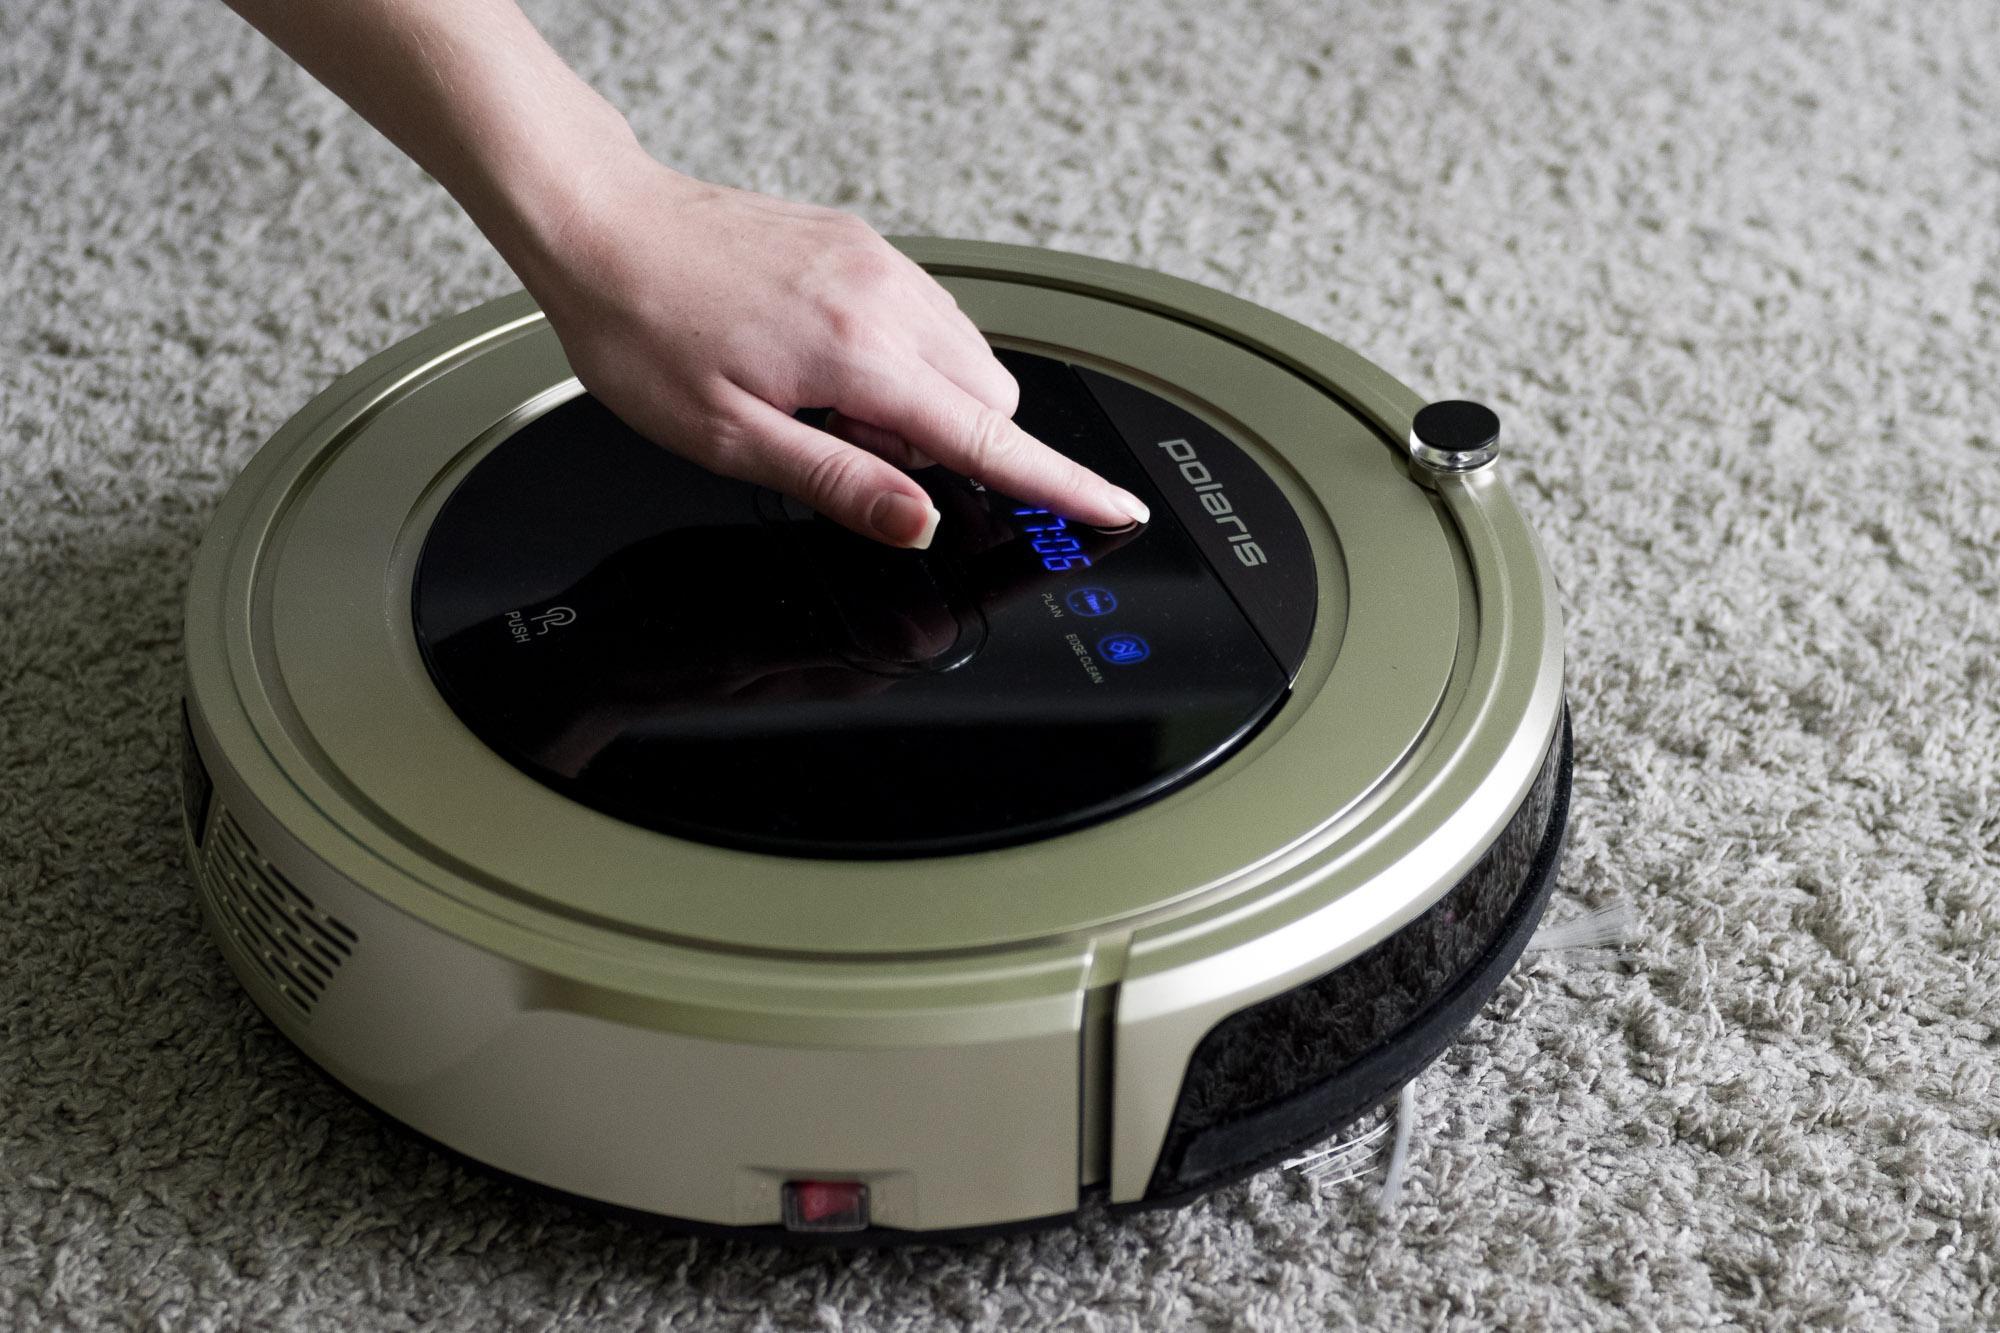 Топ 8 лучших роботов-пылесосов с функцией влажной уборки